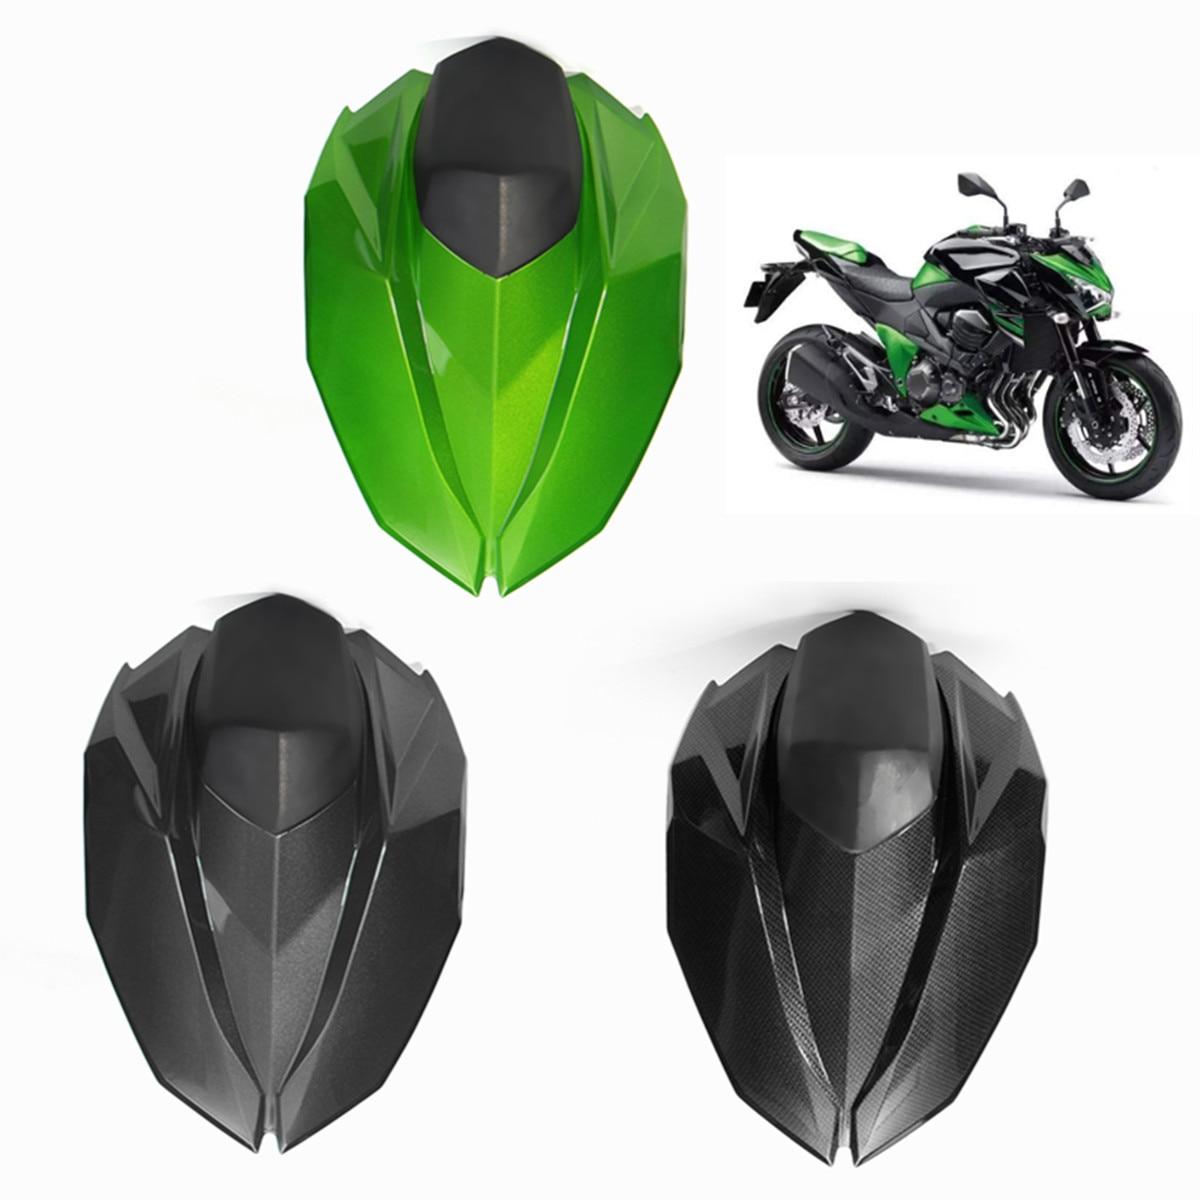 Moto Housse de Siège Arrière Capot Arrière Kit De Carénage En Plastique Siège Passager Passager pour Kawasaki Z800 Z 800 2013 2014 2015 2016